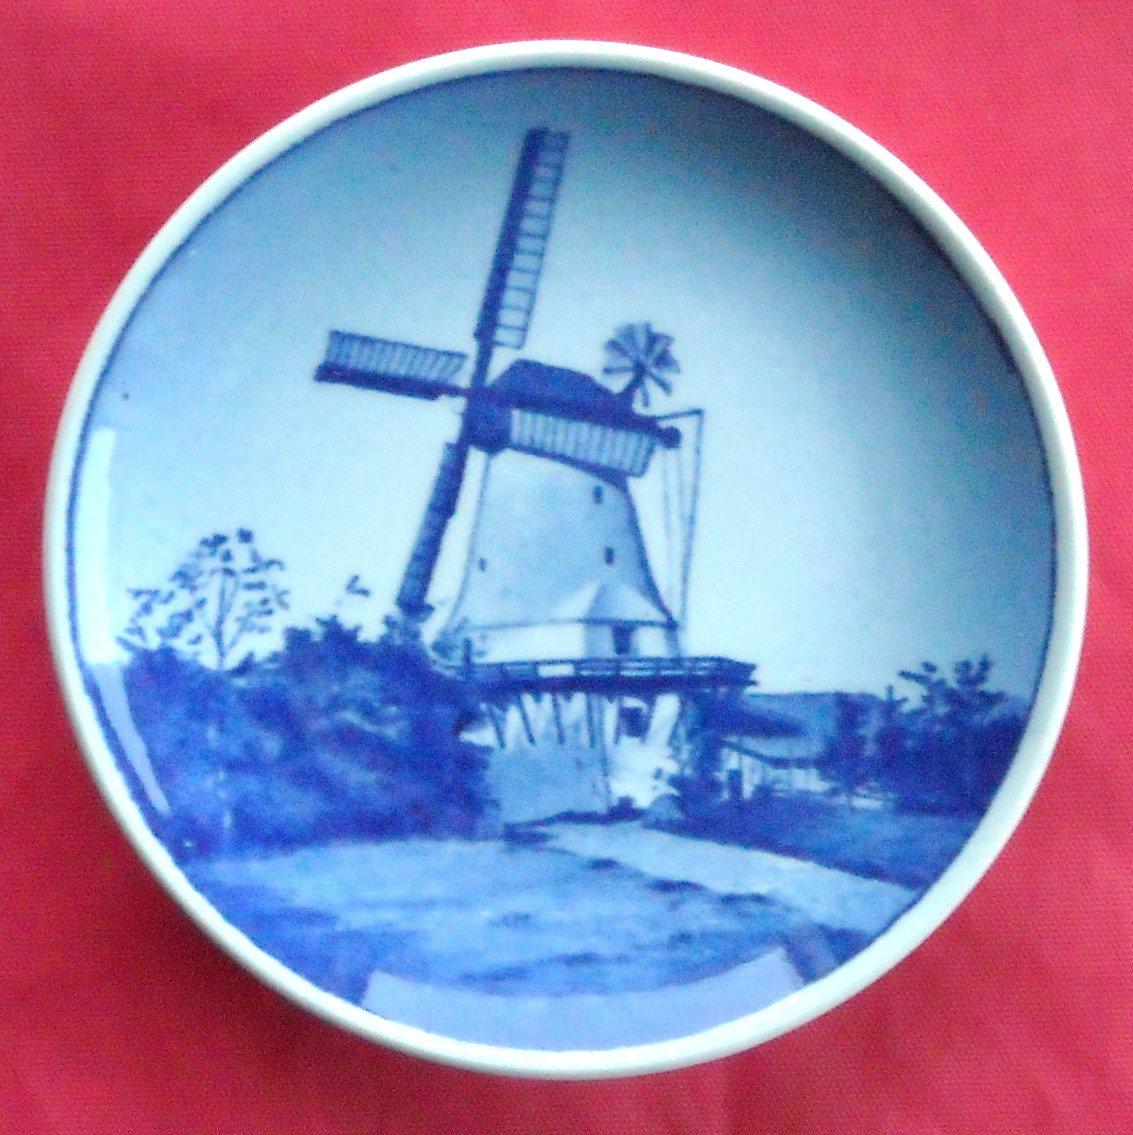 Danish Royal Copenhagen Denmark Dybbol Molle 12 - 2010 Kaj Lange plate